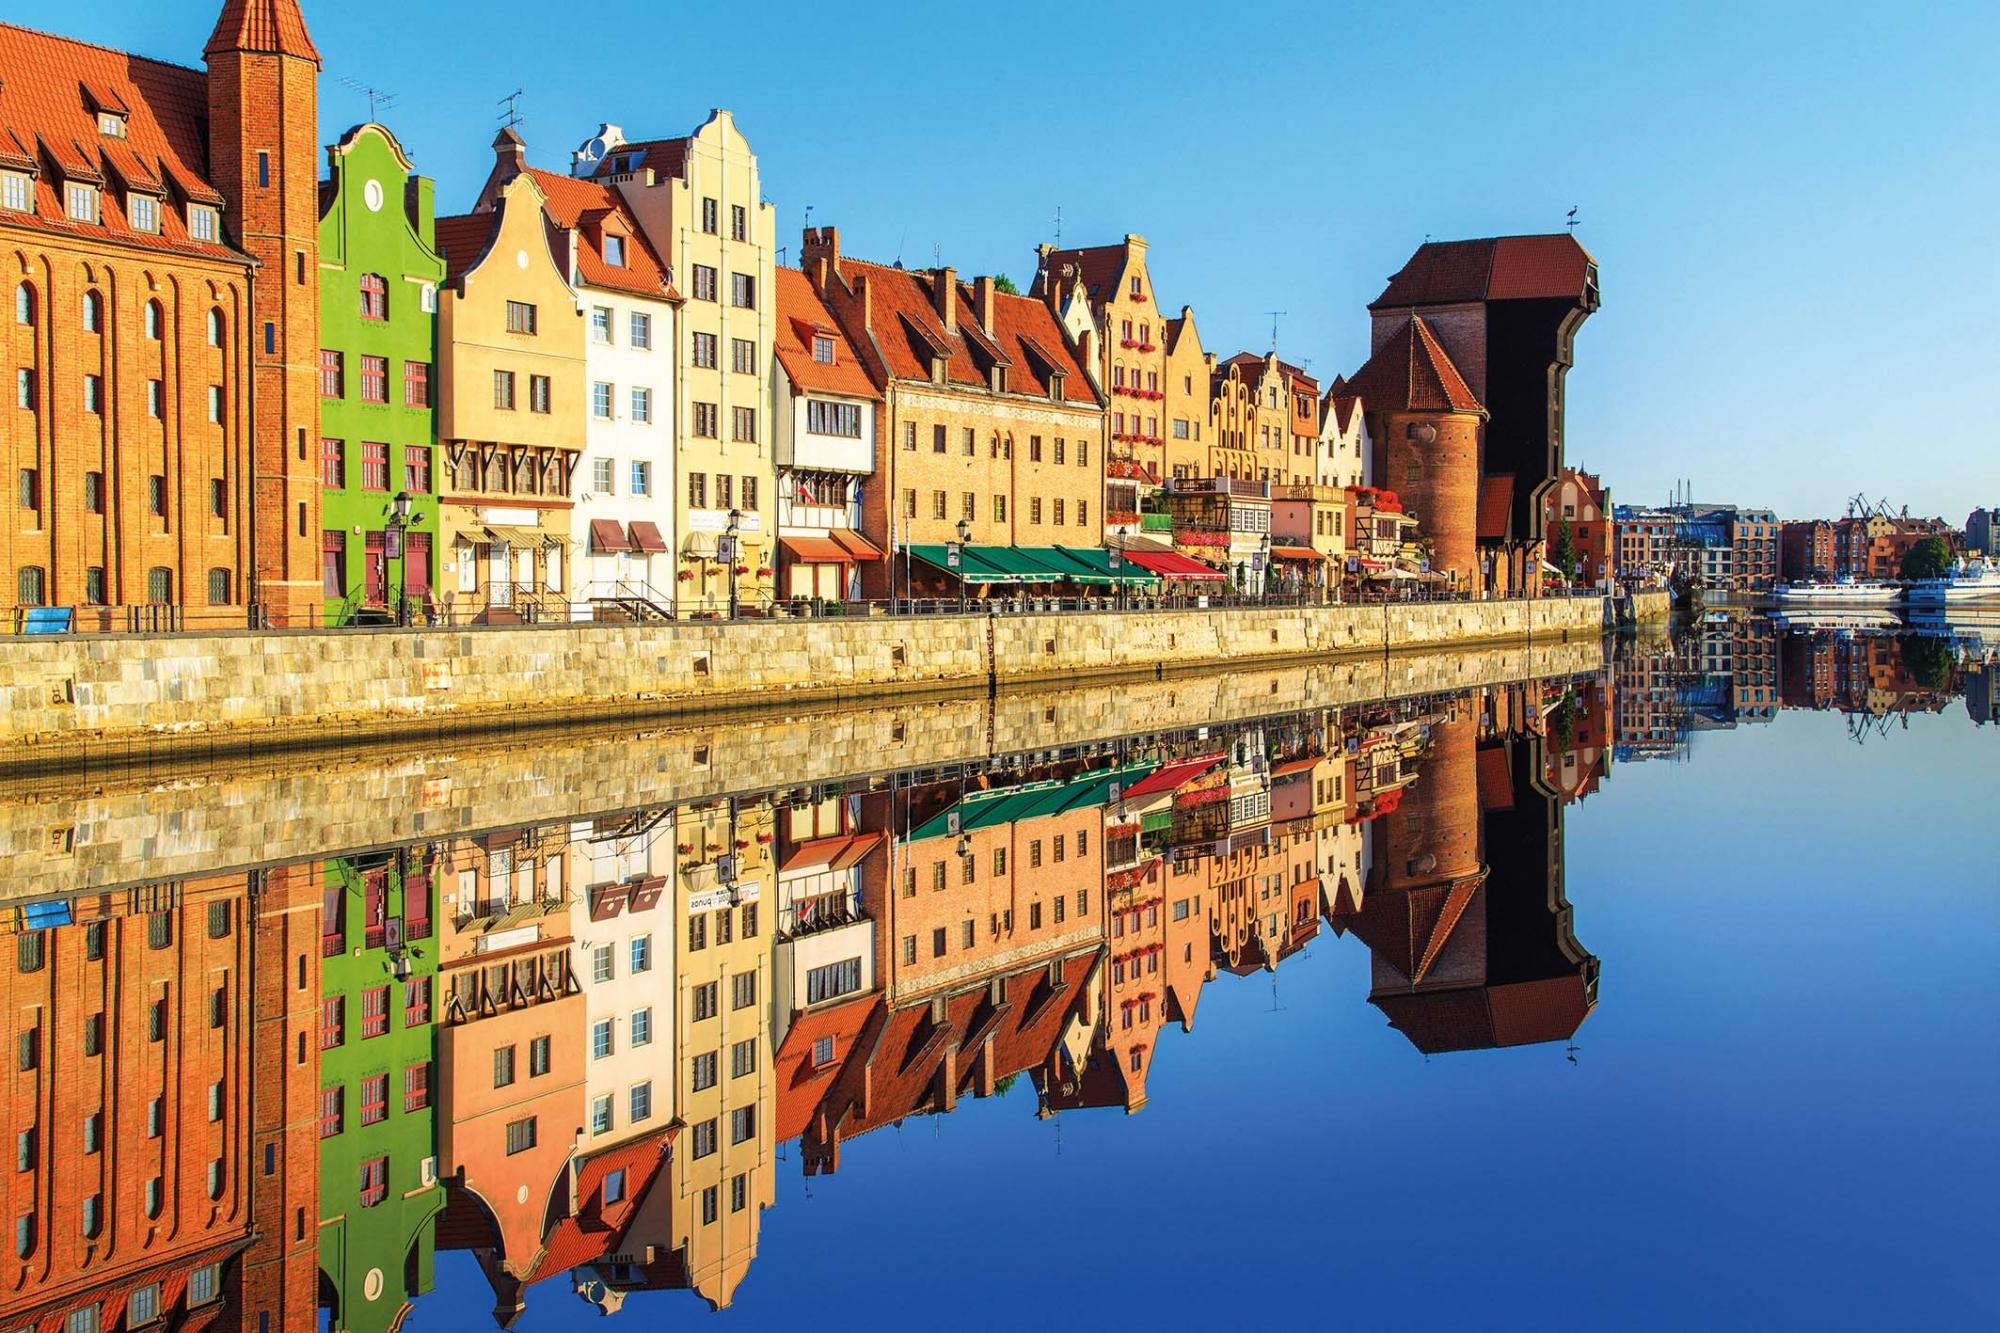 Polen, Danzigs historischer Hafen mit Krantor